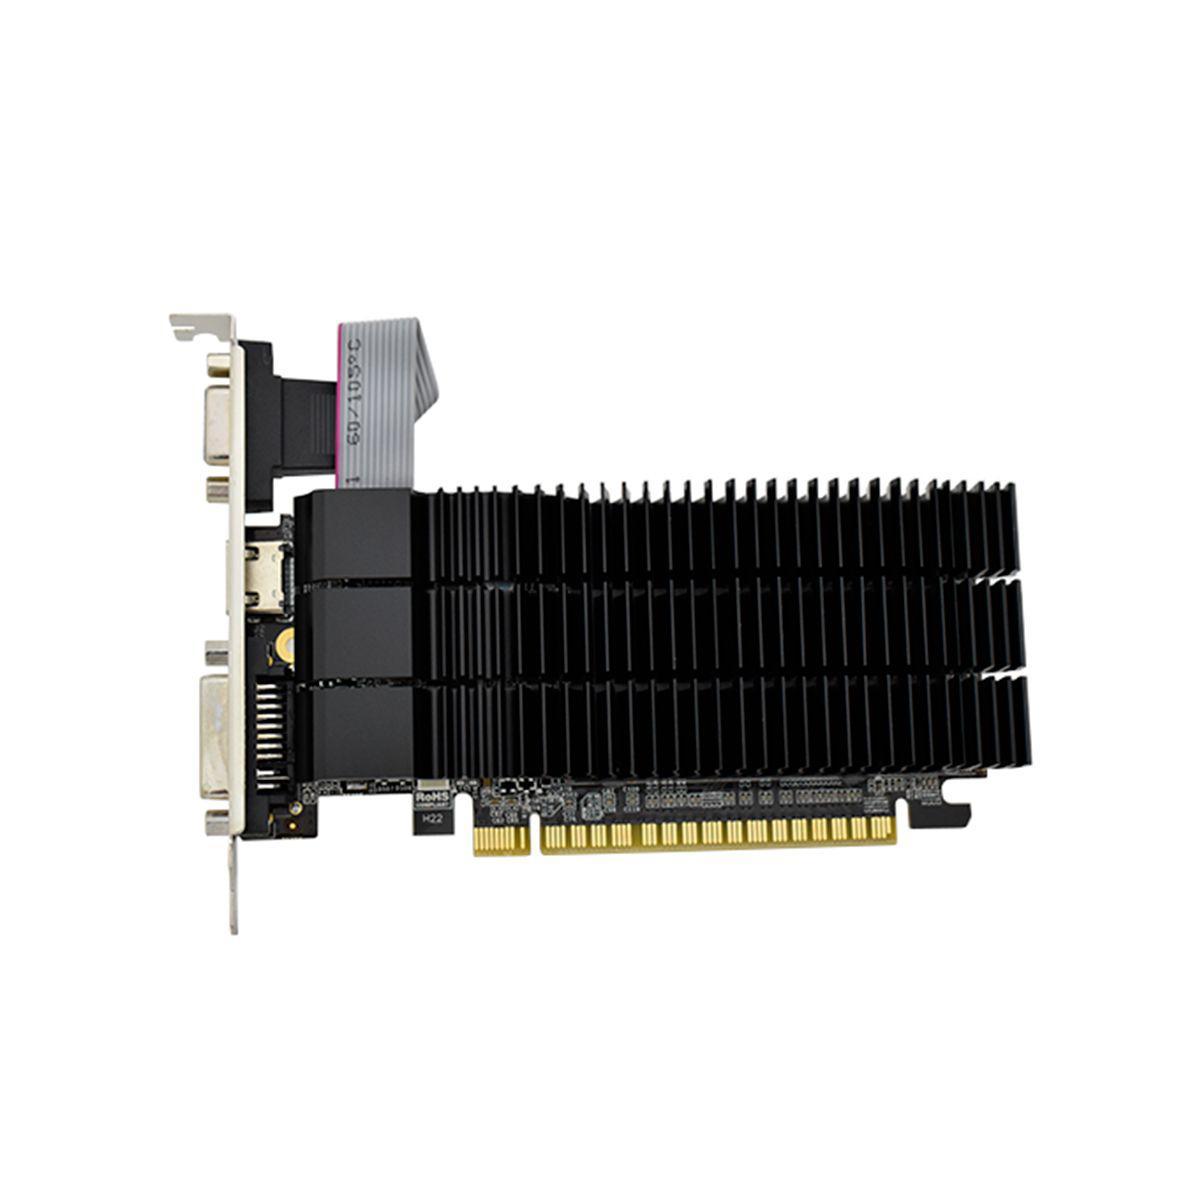 PLACA DE VIDEO AFOX GEFORCE G210 1GB DDR3 64 BITS - HDMI - DVI - VGA - AF210-1024D3L5-V2